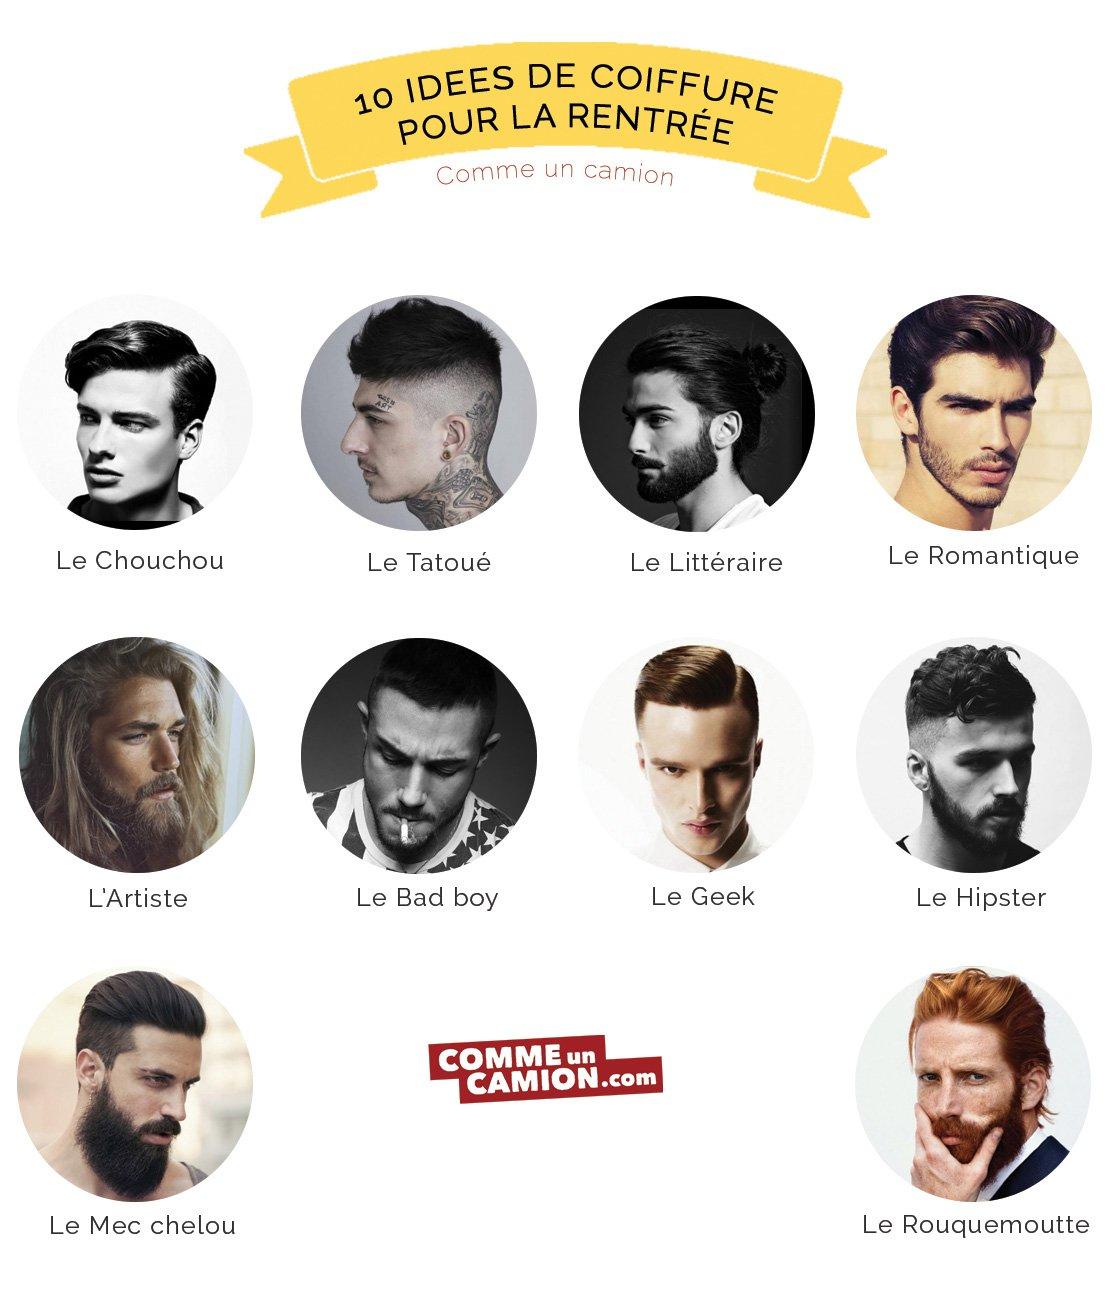 10 idées de coiffure pour la rentrée